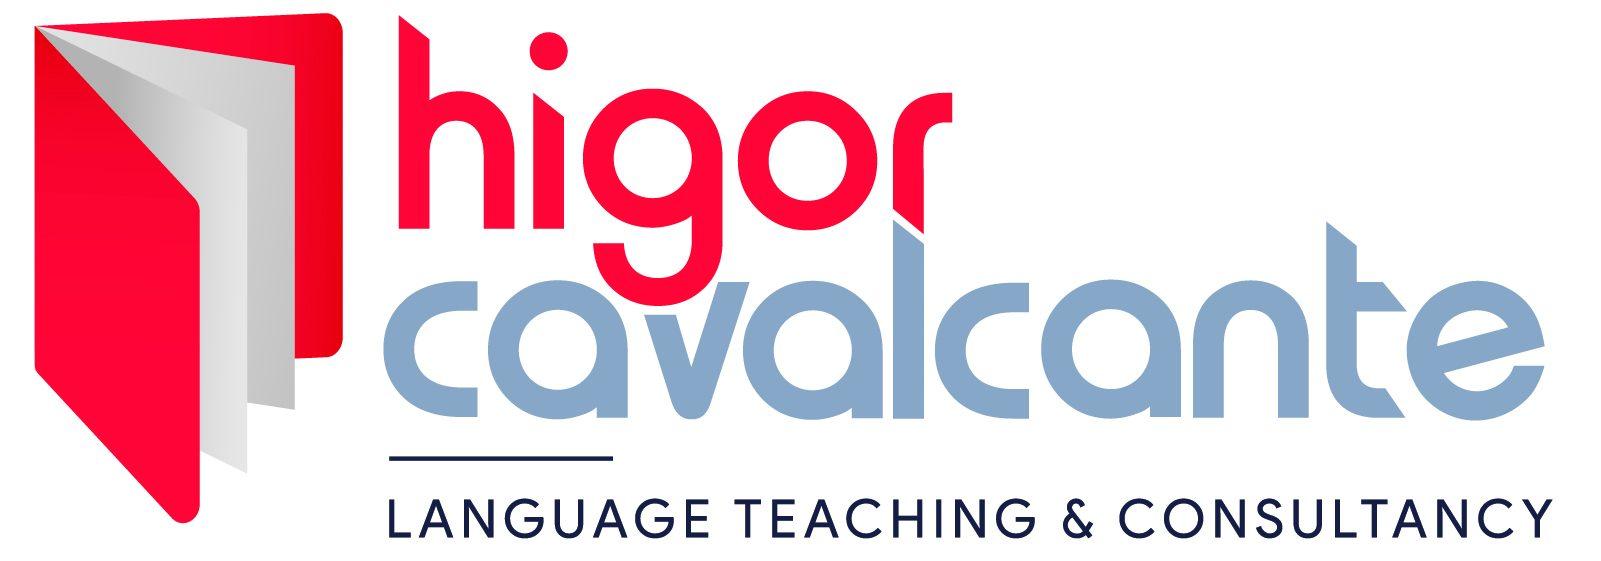 Higor Cavalcante